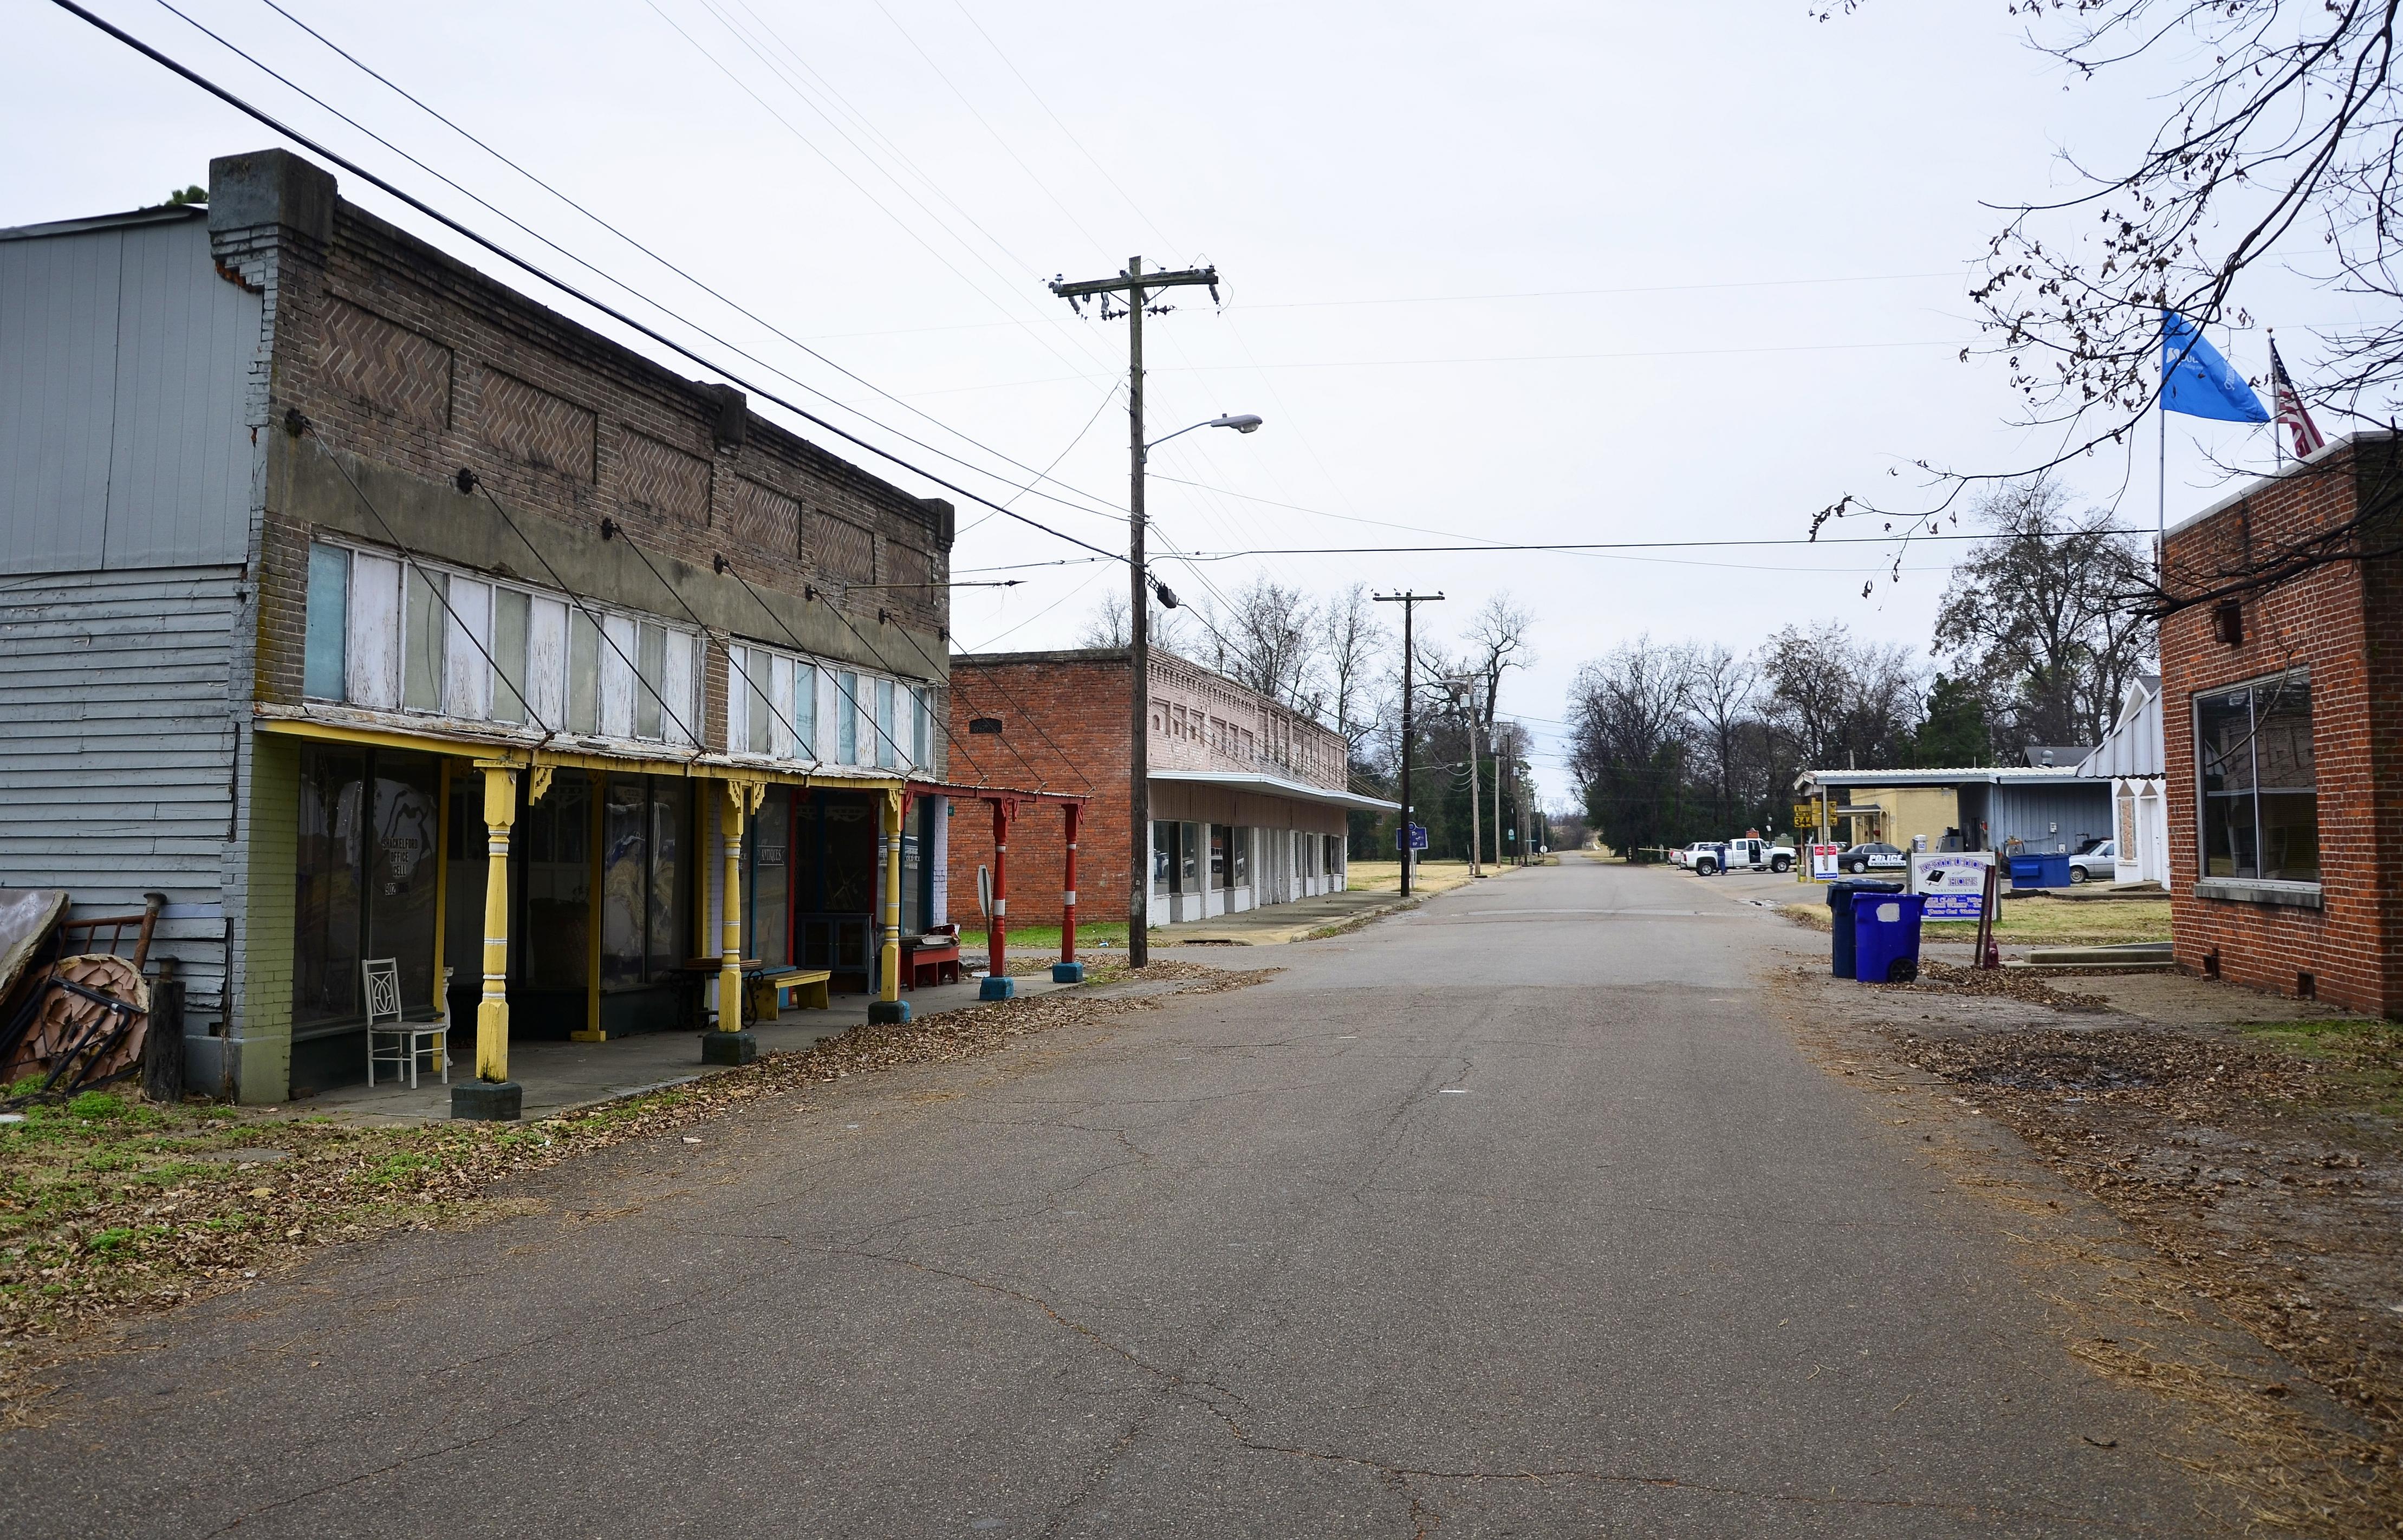 Mississippi coahoma county sherard - Mississippi Coahoma County Sherard 41